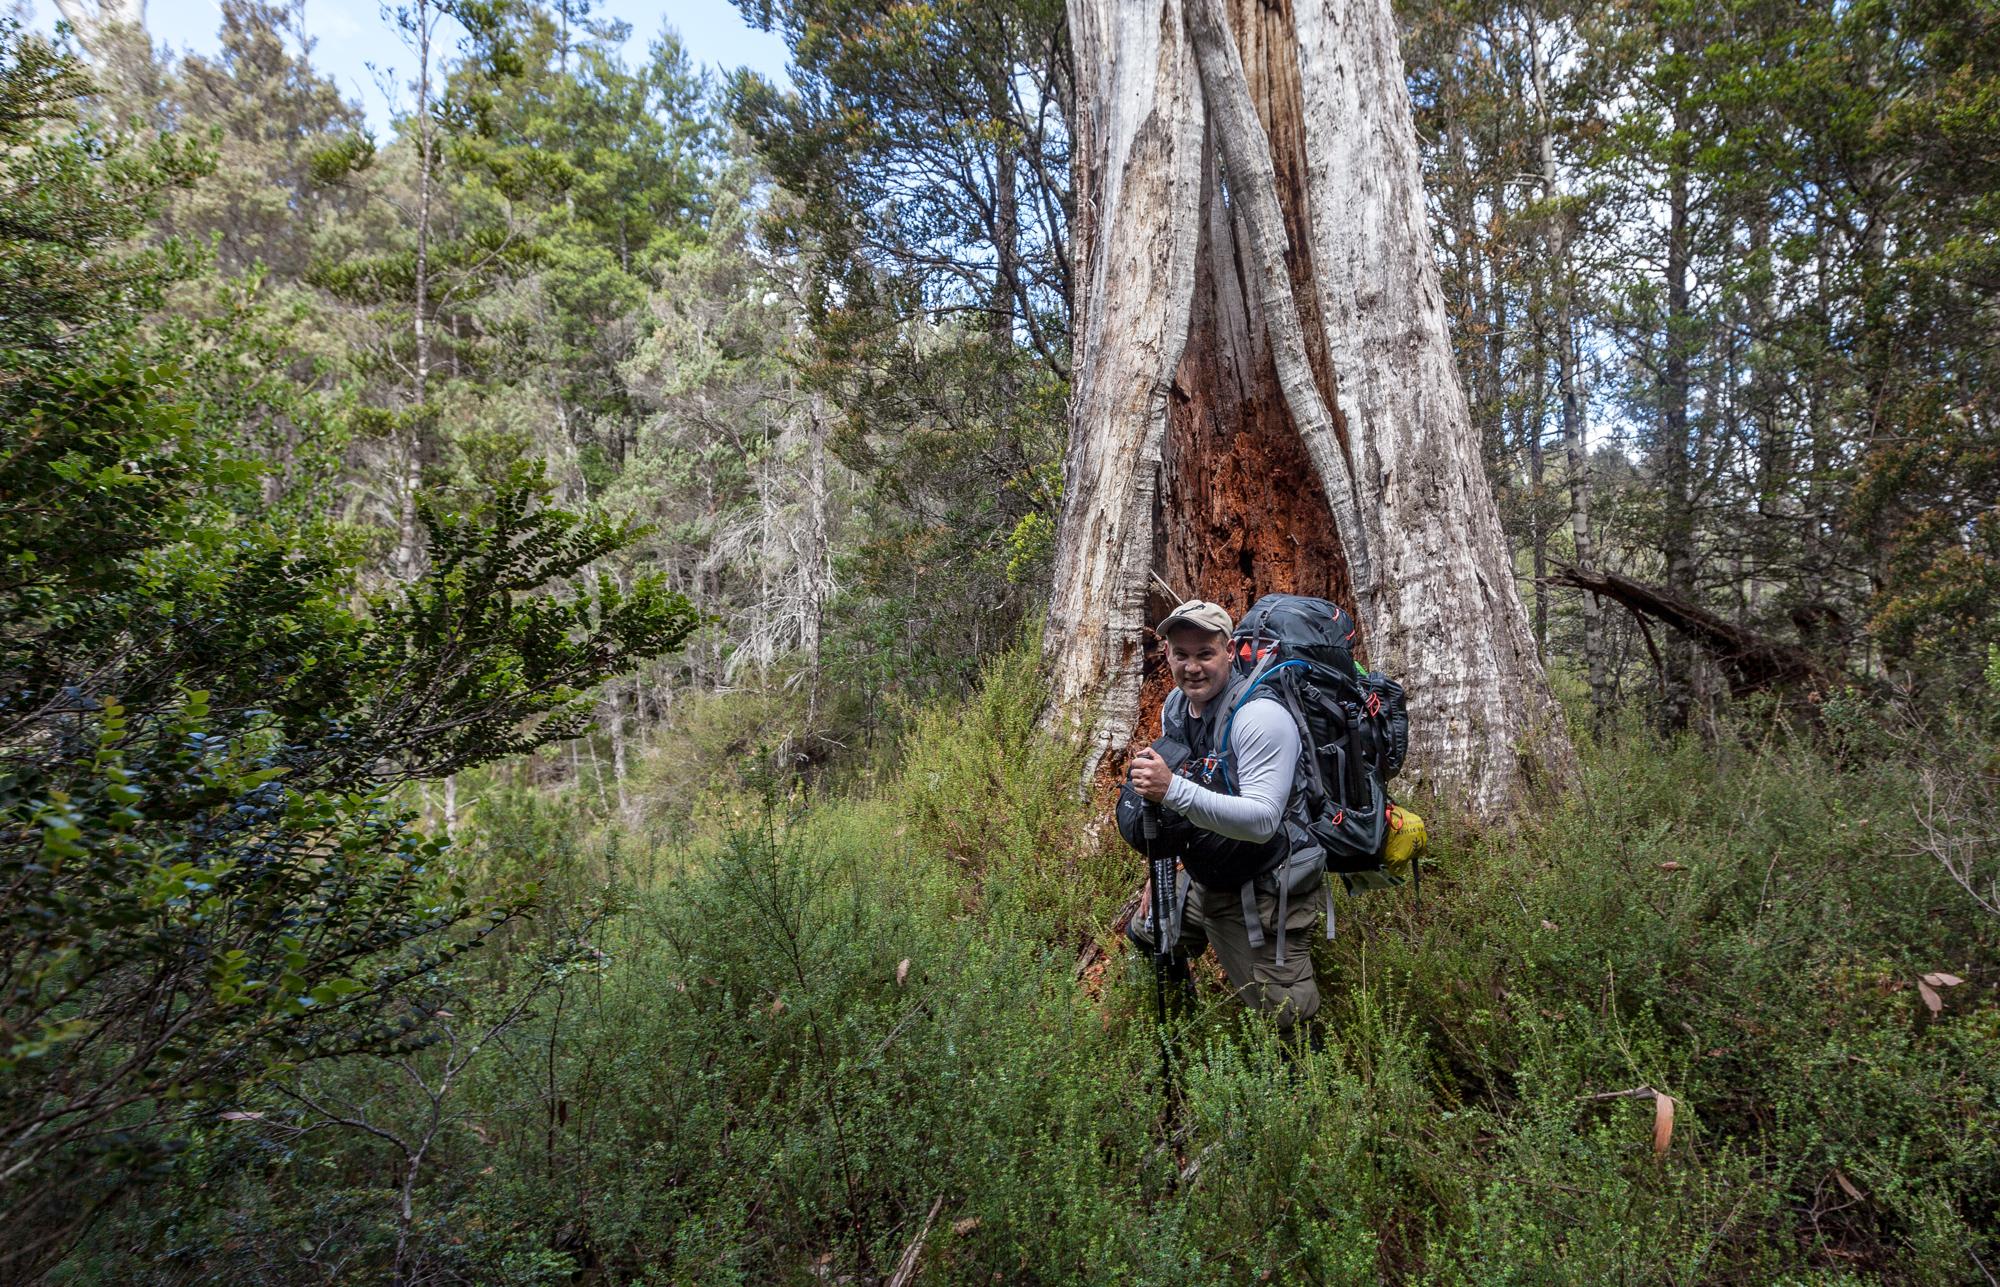 Tasmania_2015_144_2000PX.jpg